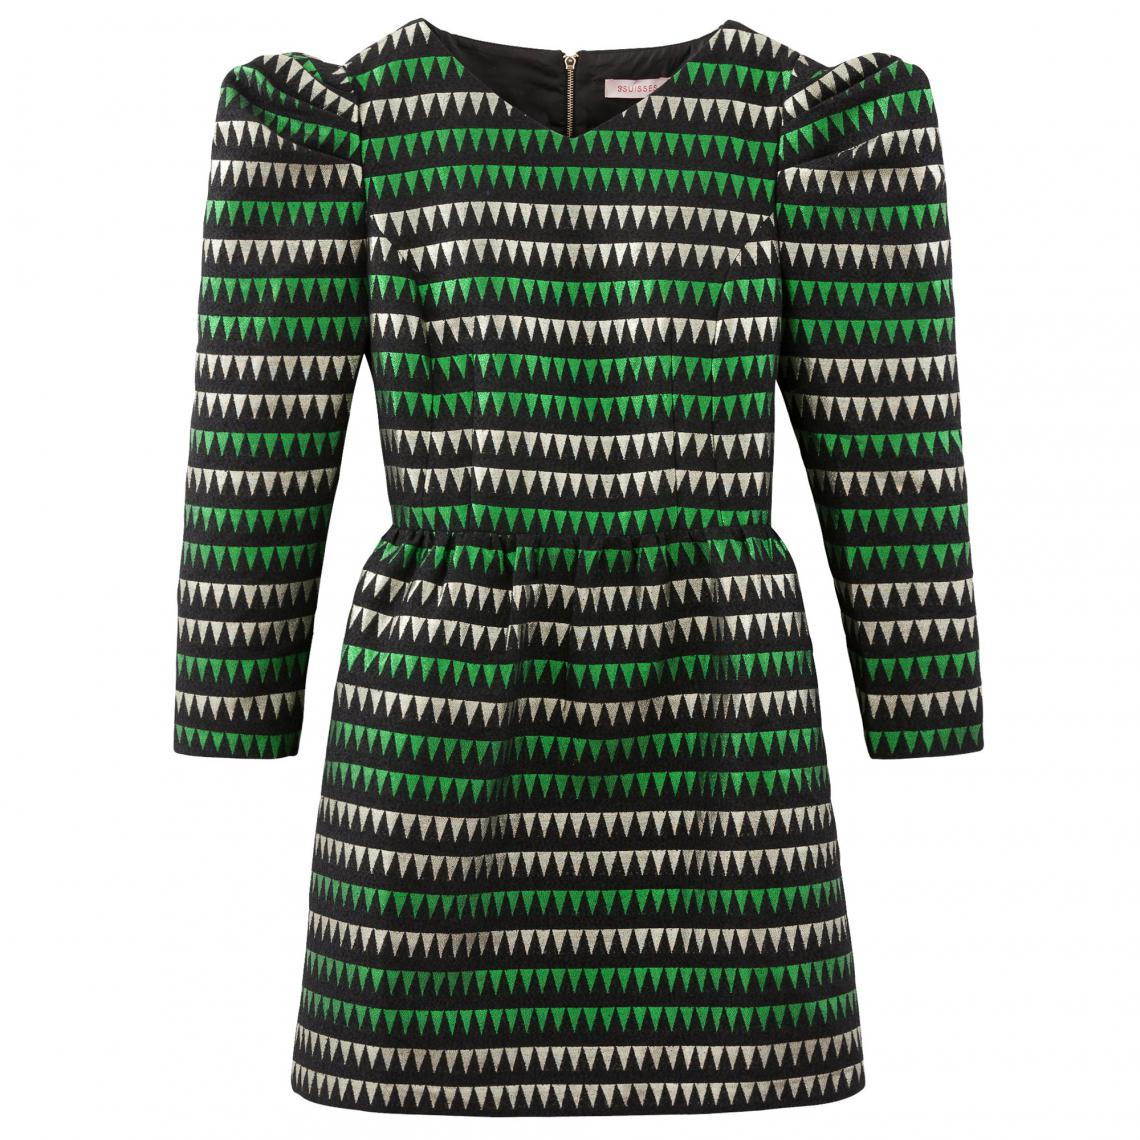 b2ab52cc961 Robe courte manches bouffantes à jacquard métallisé bicolore femme - Multicolore  Actuamode